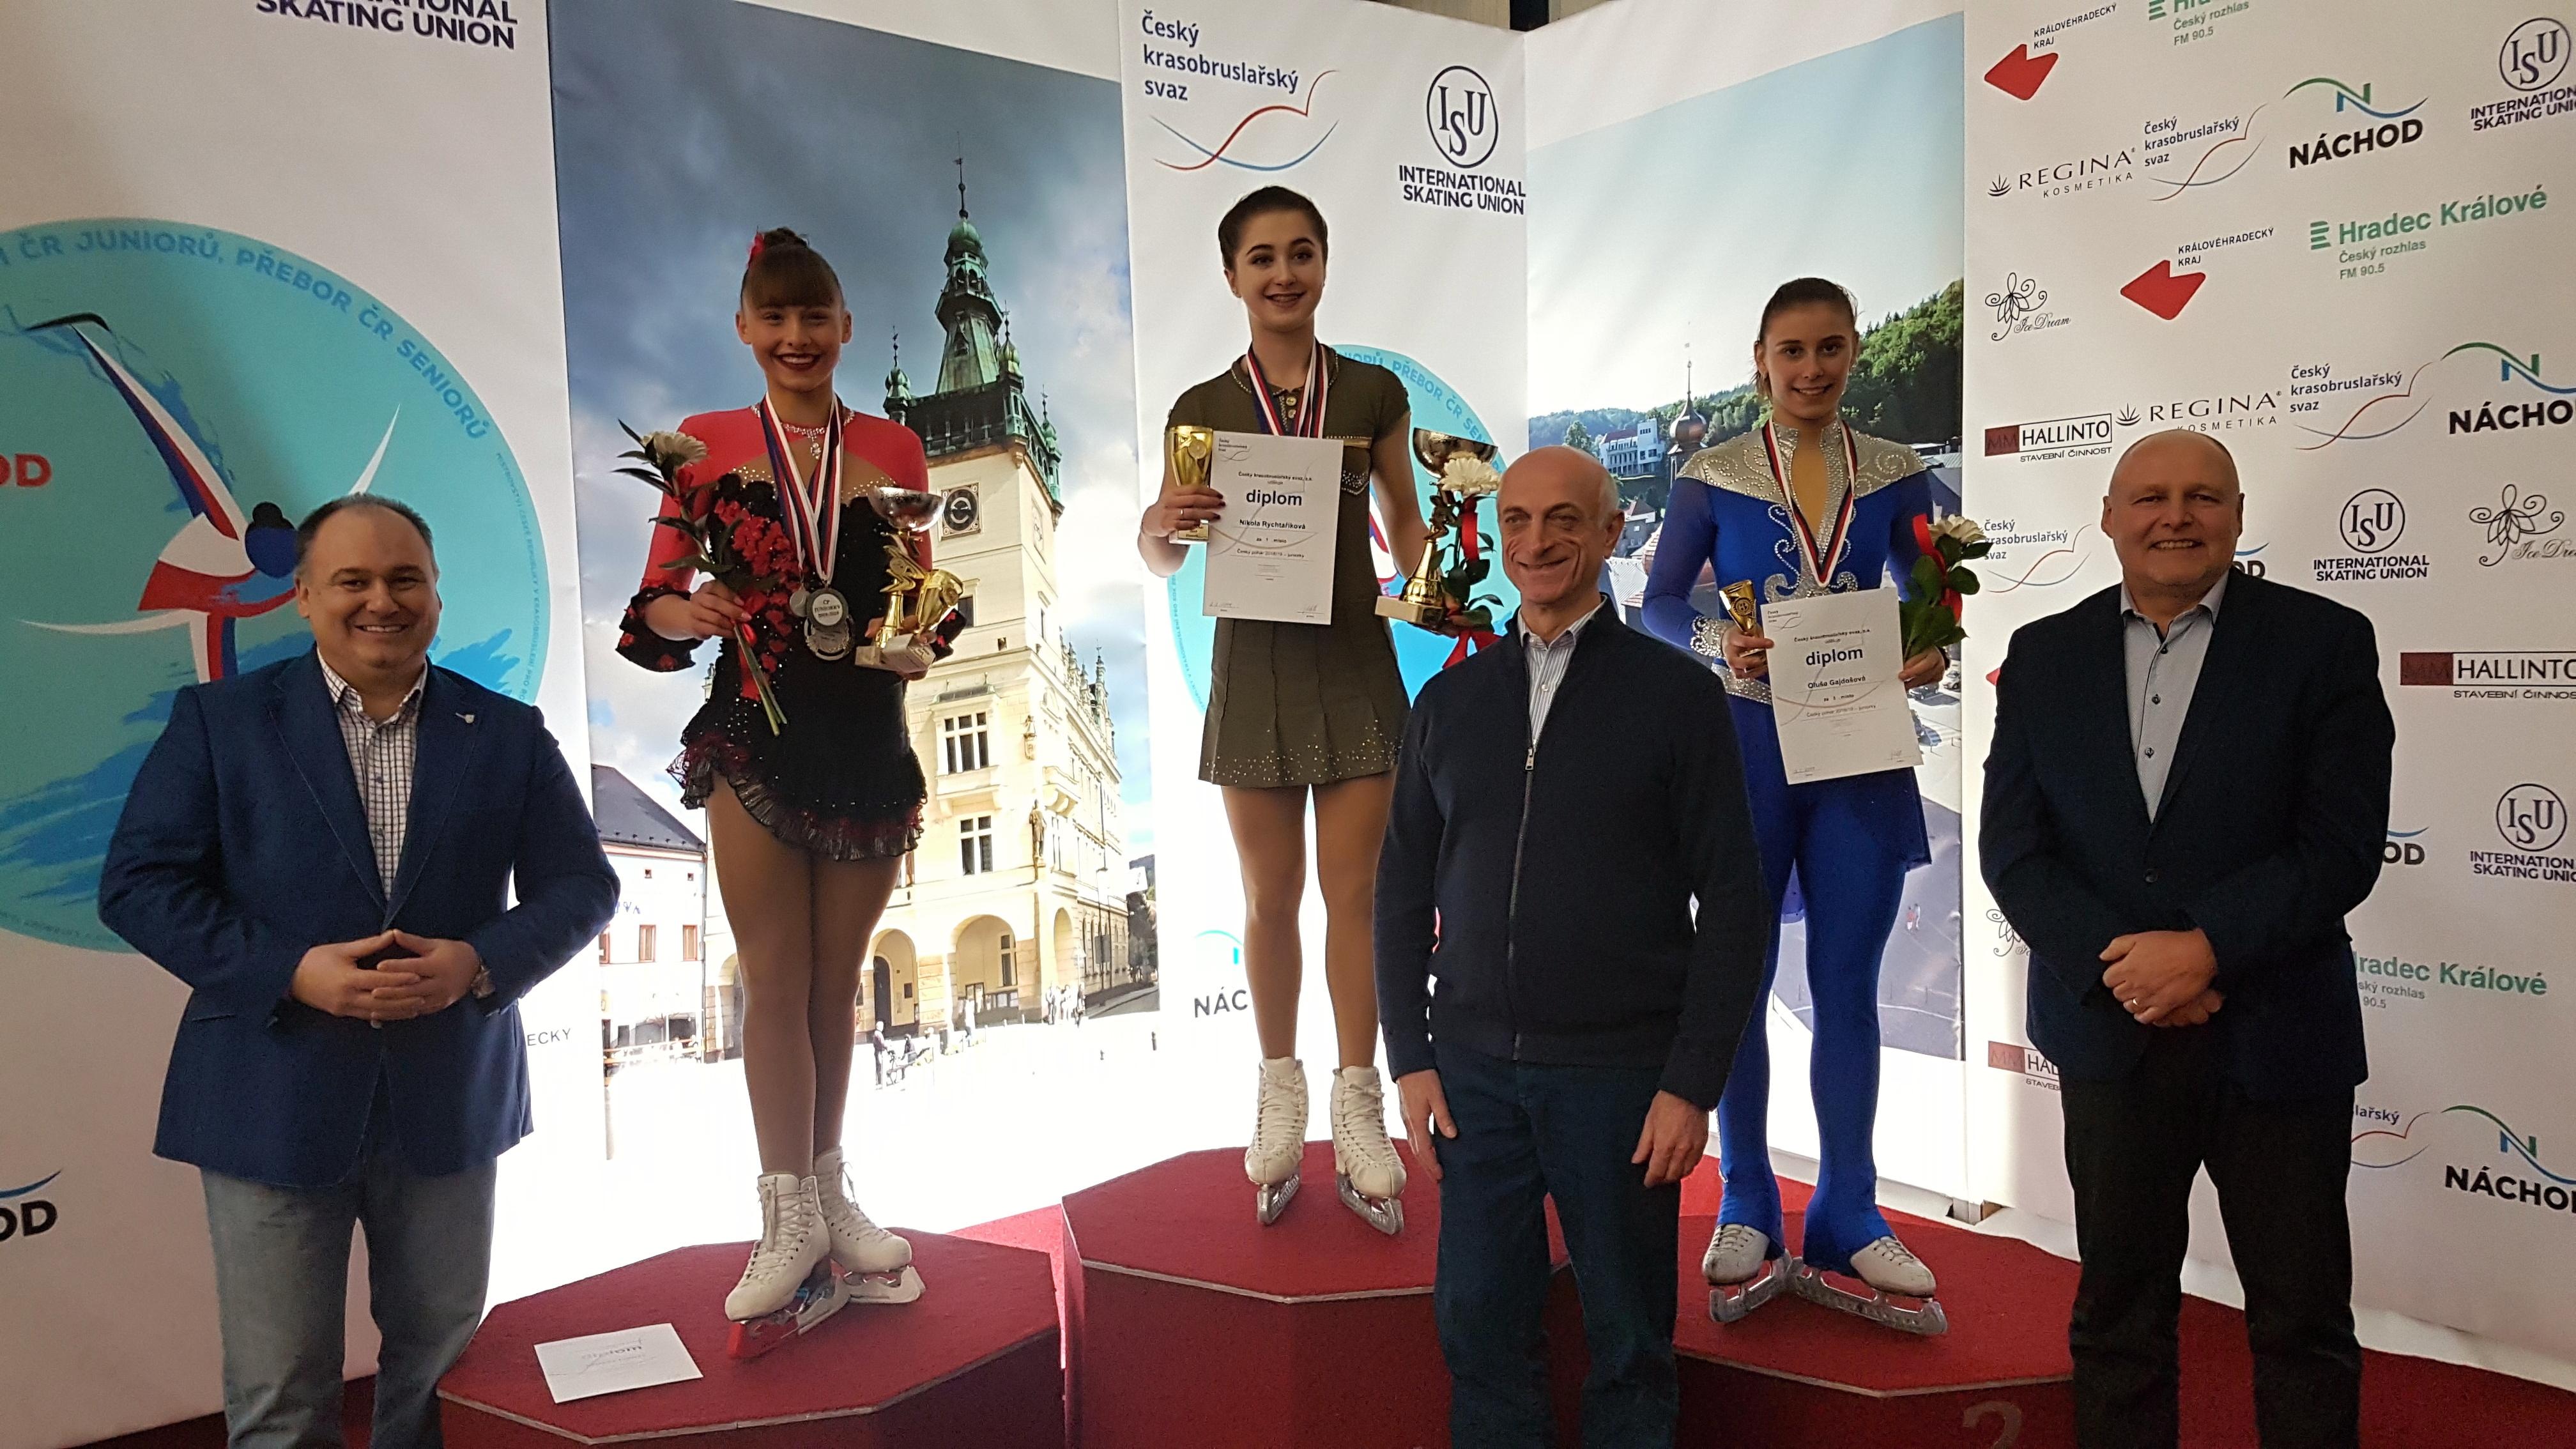 Mistrovství České republuiky v kategorii juniorů a juniorek 2019.